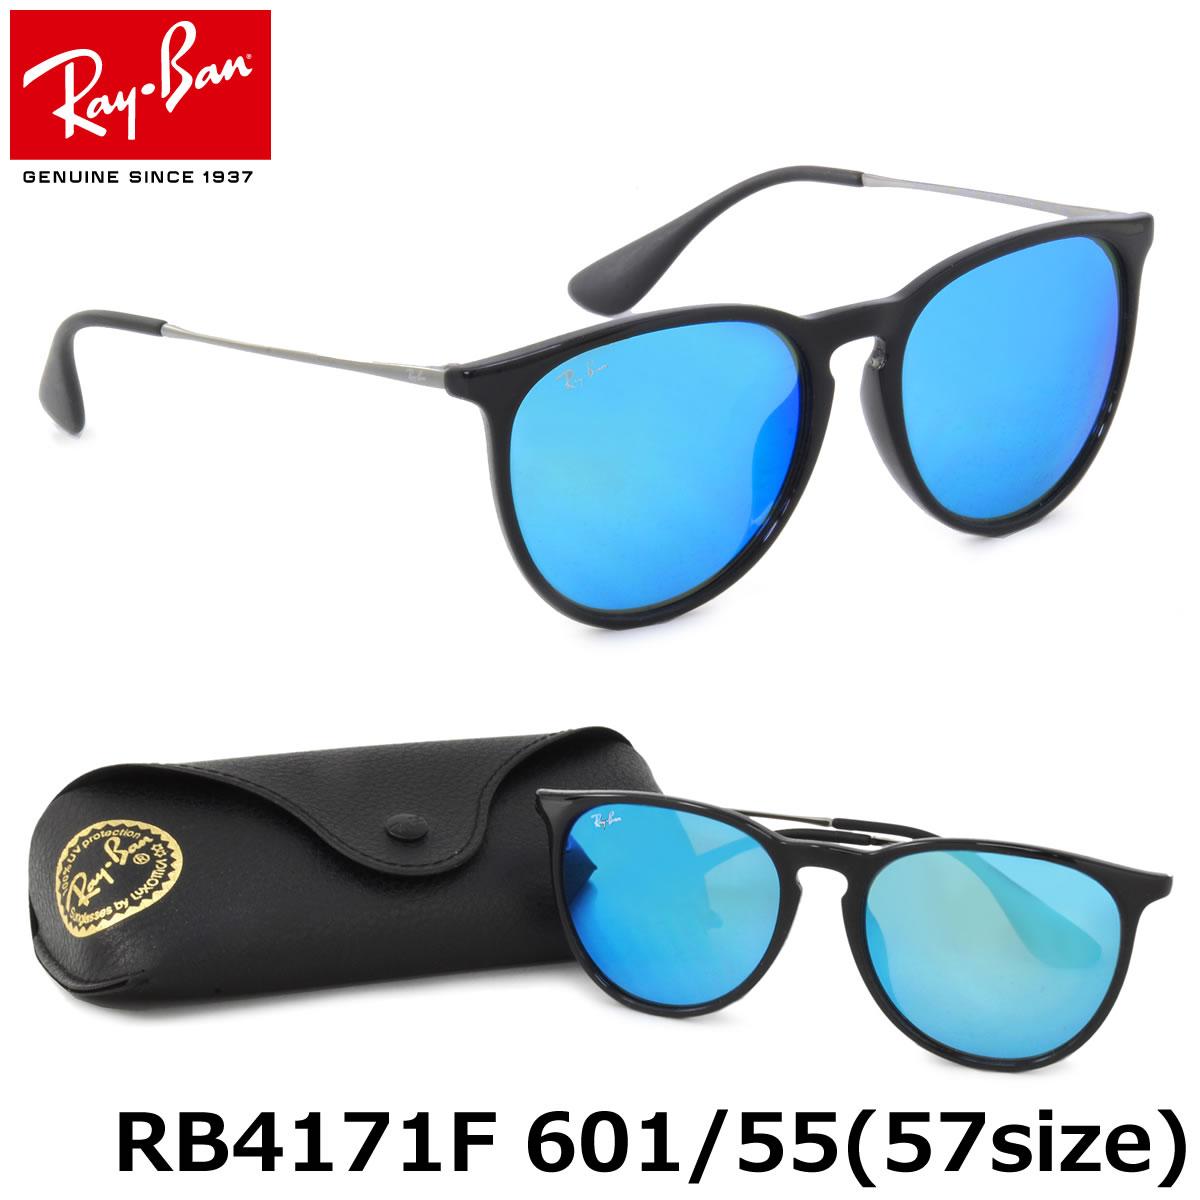 【10月30日からエントリーで全品ポイント20倍】レイバン サングラス ミラー エリカ Ray-Ban RB4171F 601/55 57サイズレイバン RAYBAN ERIKA FLASH LENSES 60155 ボストン 丸メガネ ミラー ブルーレンズ フルフィット メンズ レディース